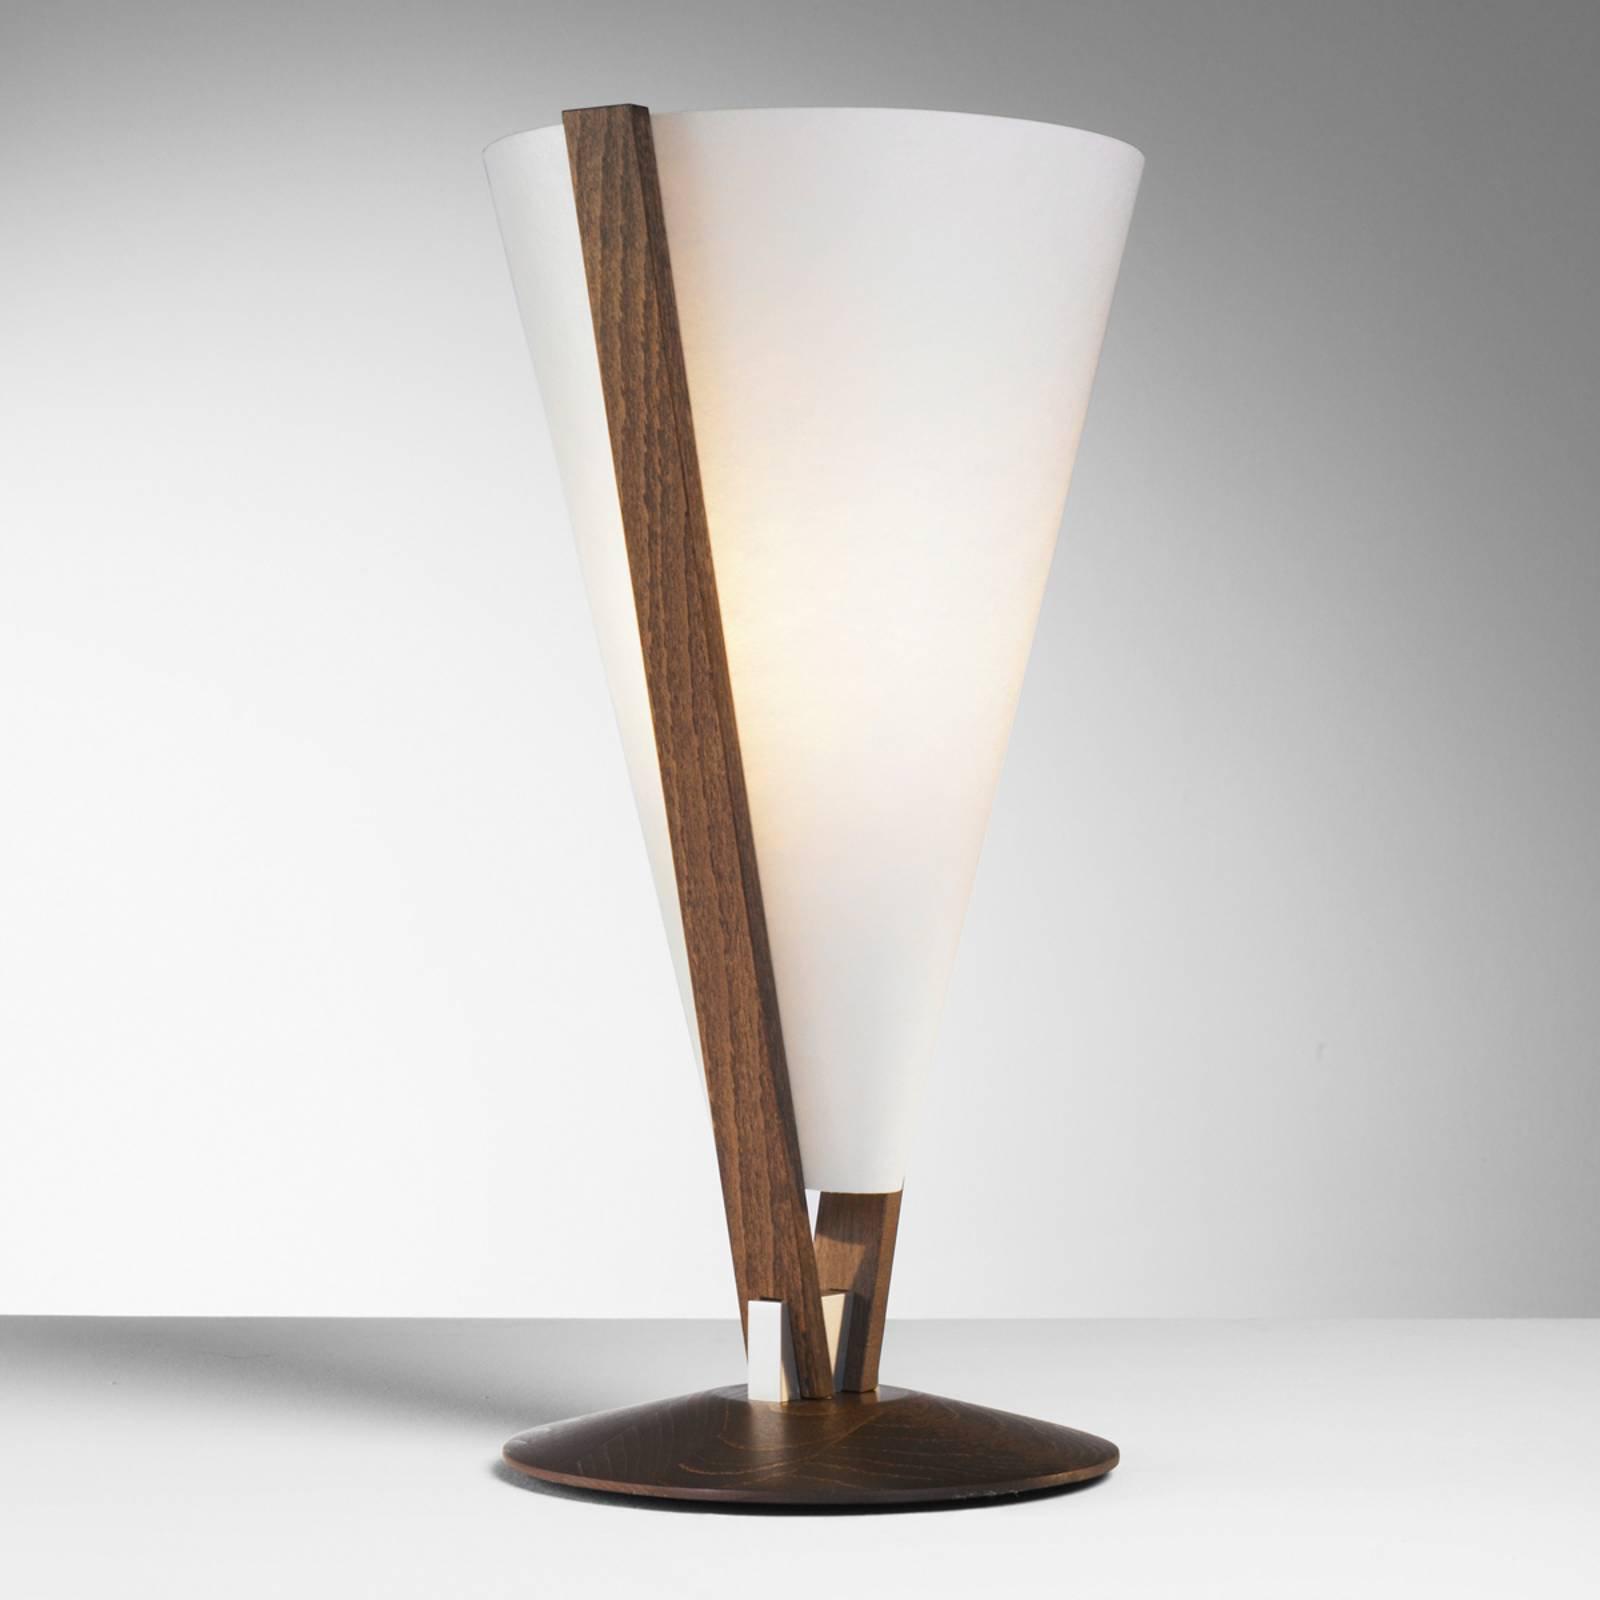 SEBA bordlampe med manuell bryter, maron